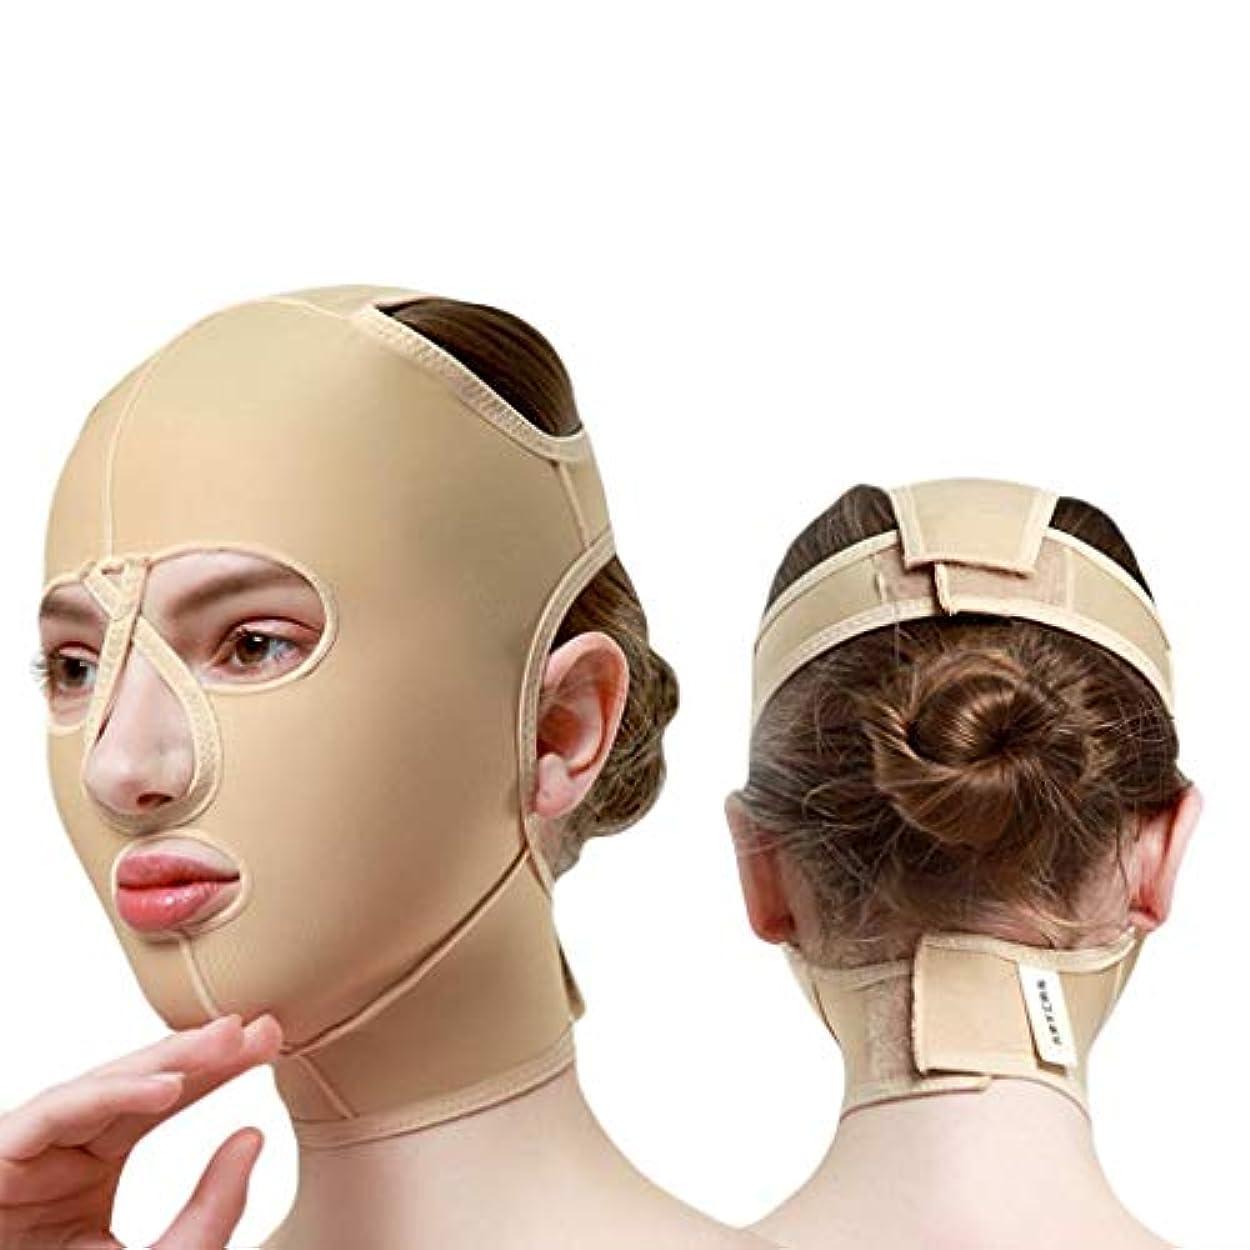 前置詞ひもインカ帝国チンストラップ、顔彫りツール、リフティングマスク、ダブルチンリデューサー、フェイスリフティングエラスティックマスクメス(サイズ:M),XXL